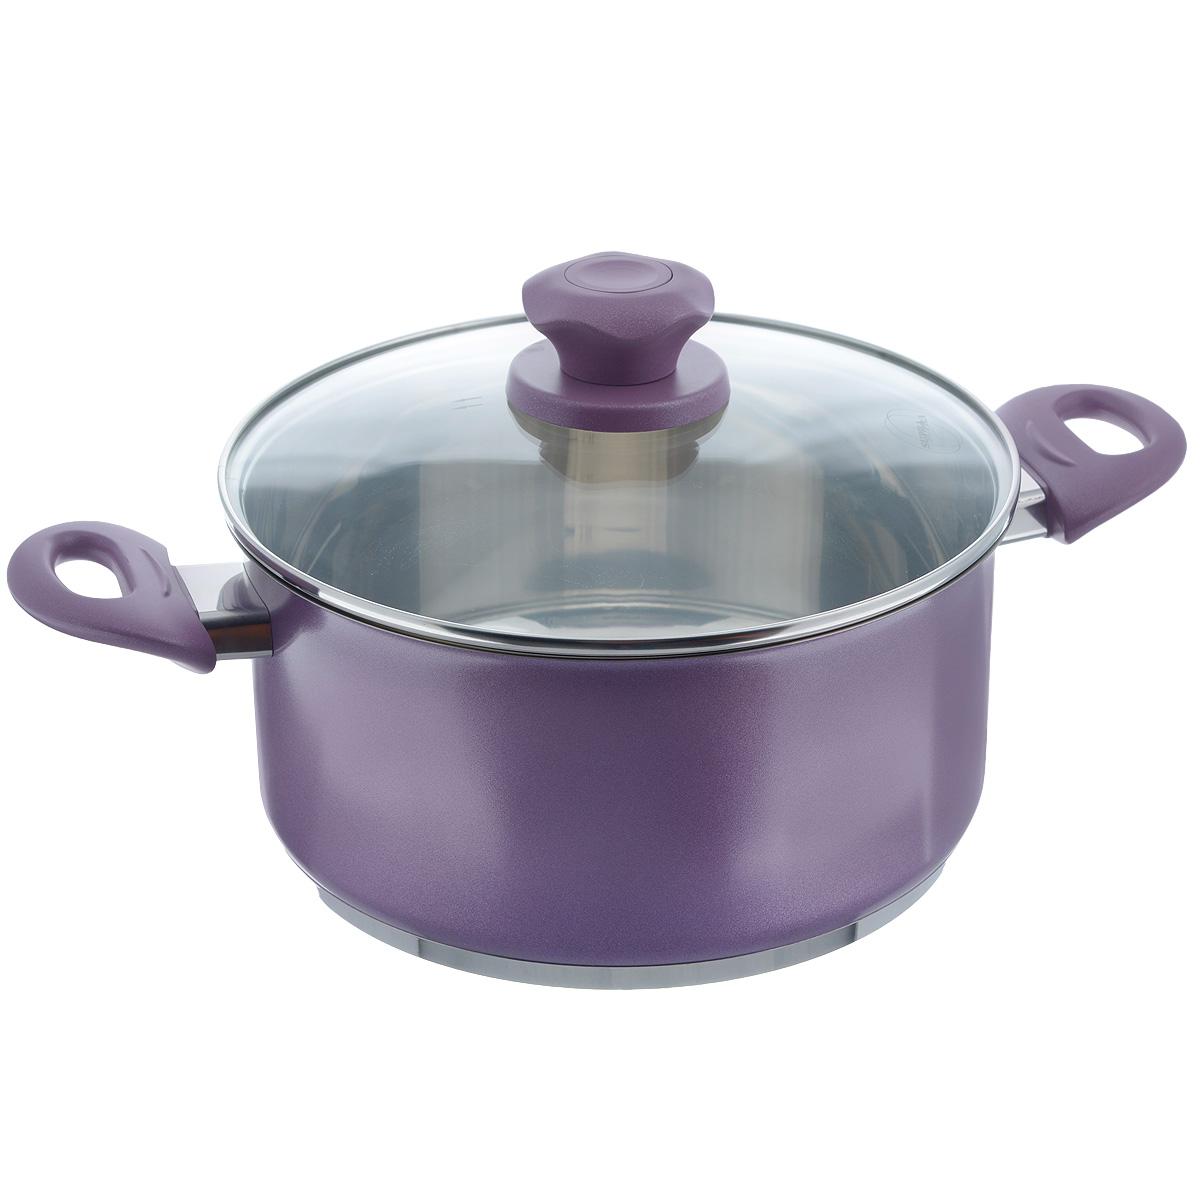 Кастрюля Supra Vasei с крышкой, цвет: фиолетовый, 5 л